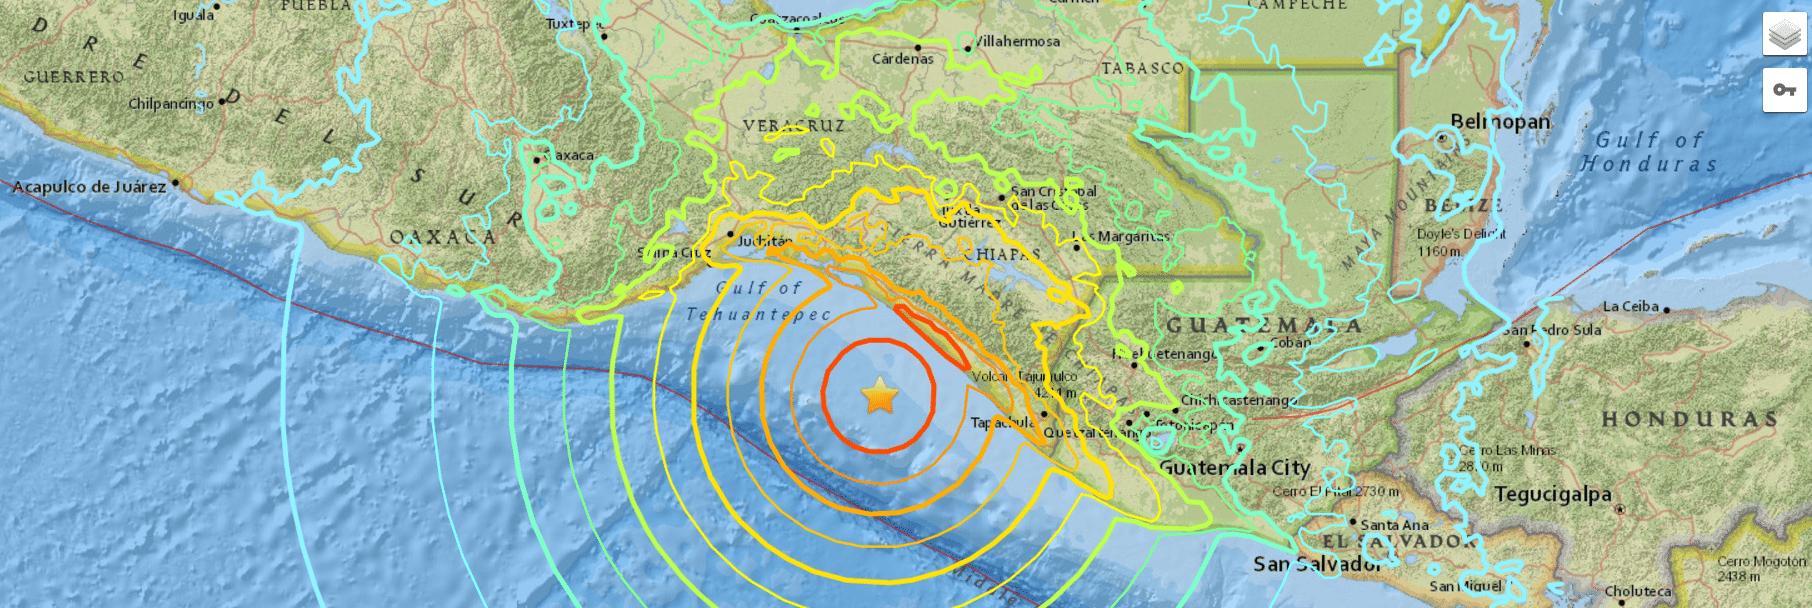 Le onde sismiche del terremoto che ha colpito il Messico